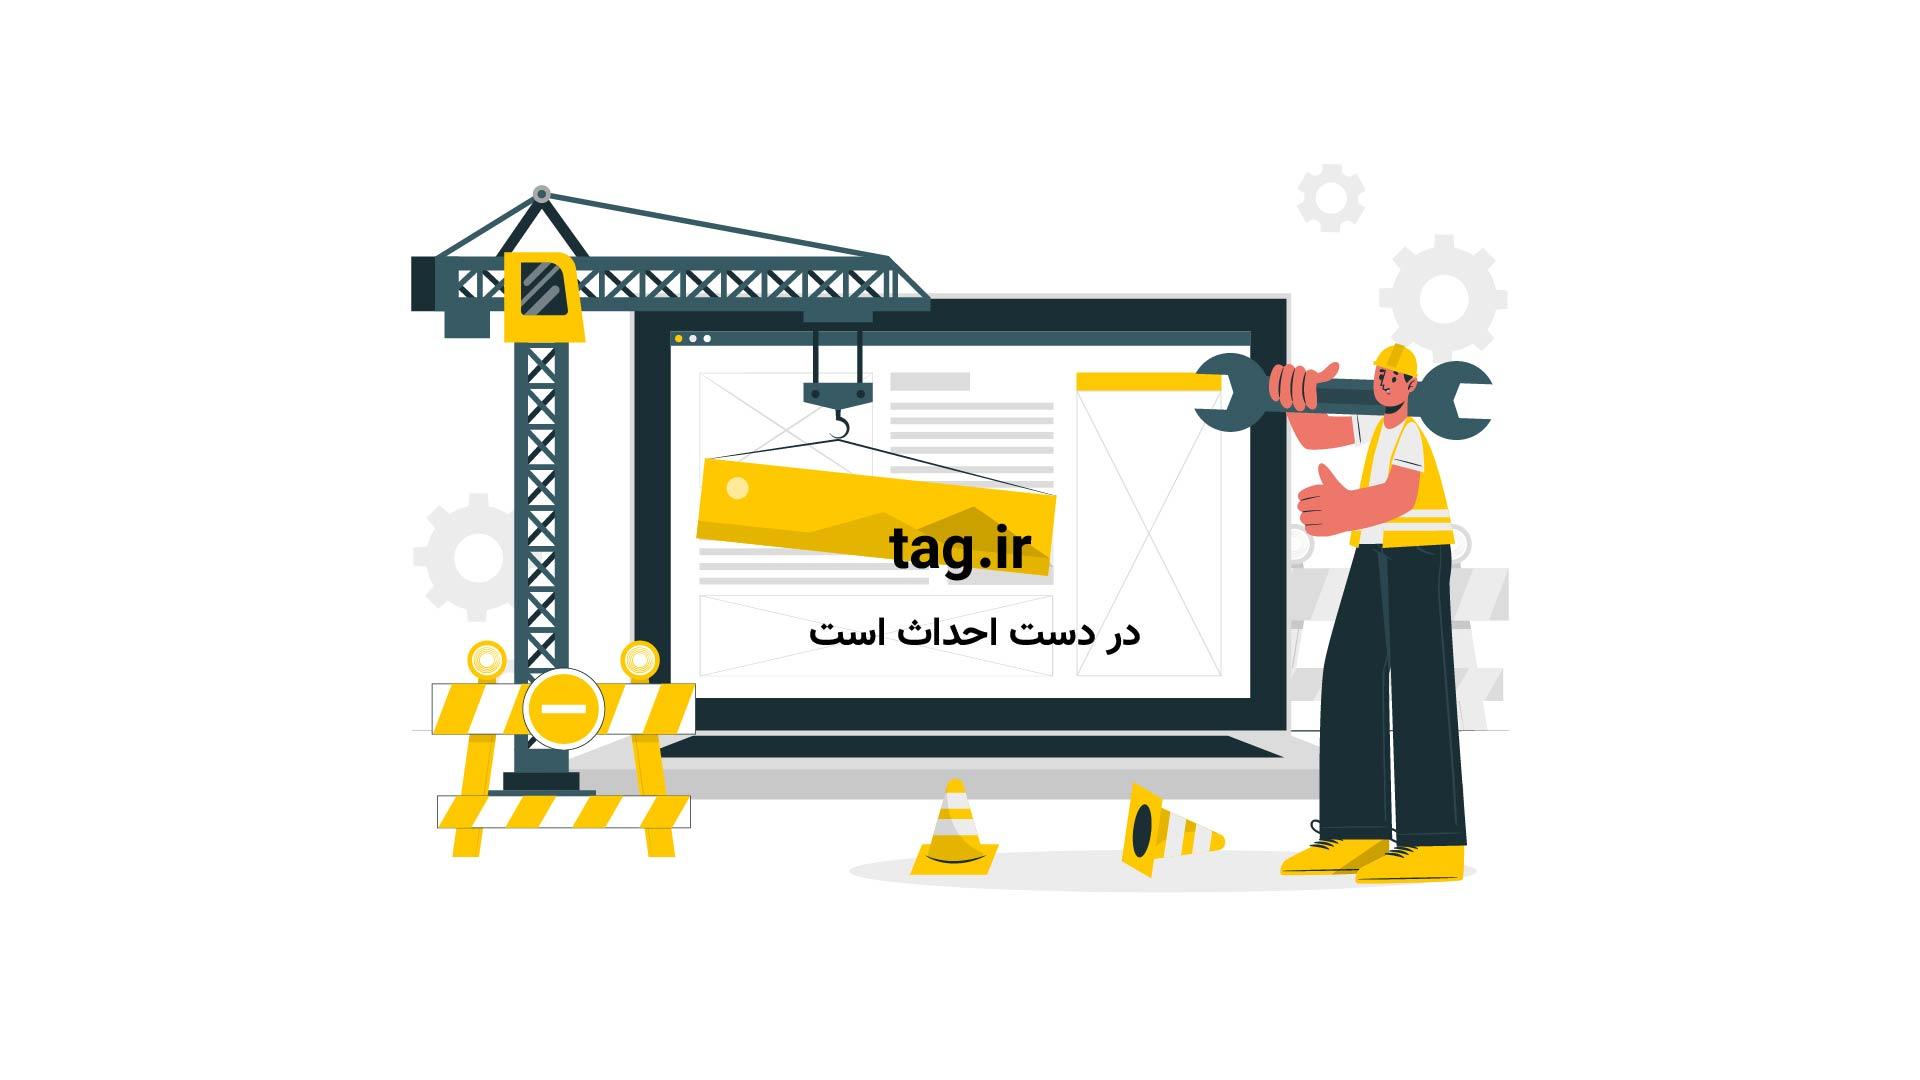 ولورین؛ حیوان قدرتمندی که از پس خرس هم برمیآید | فیلم